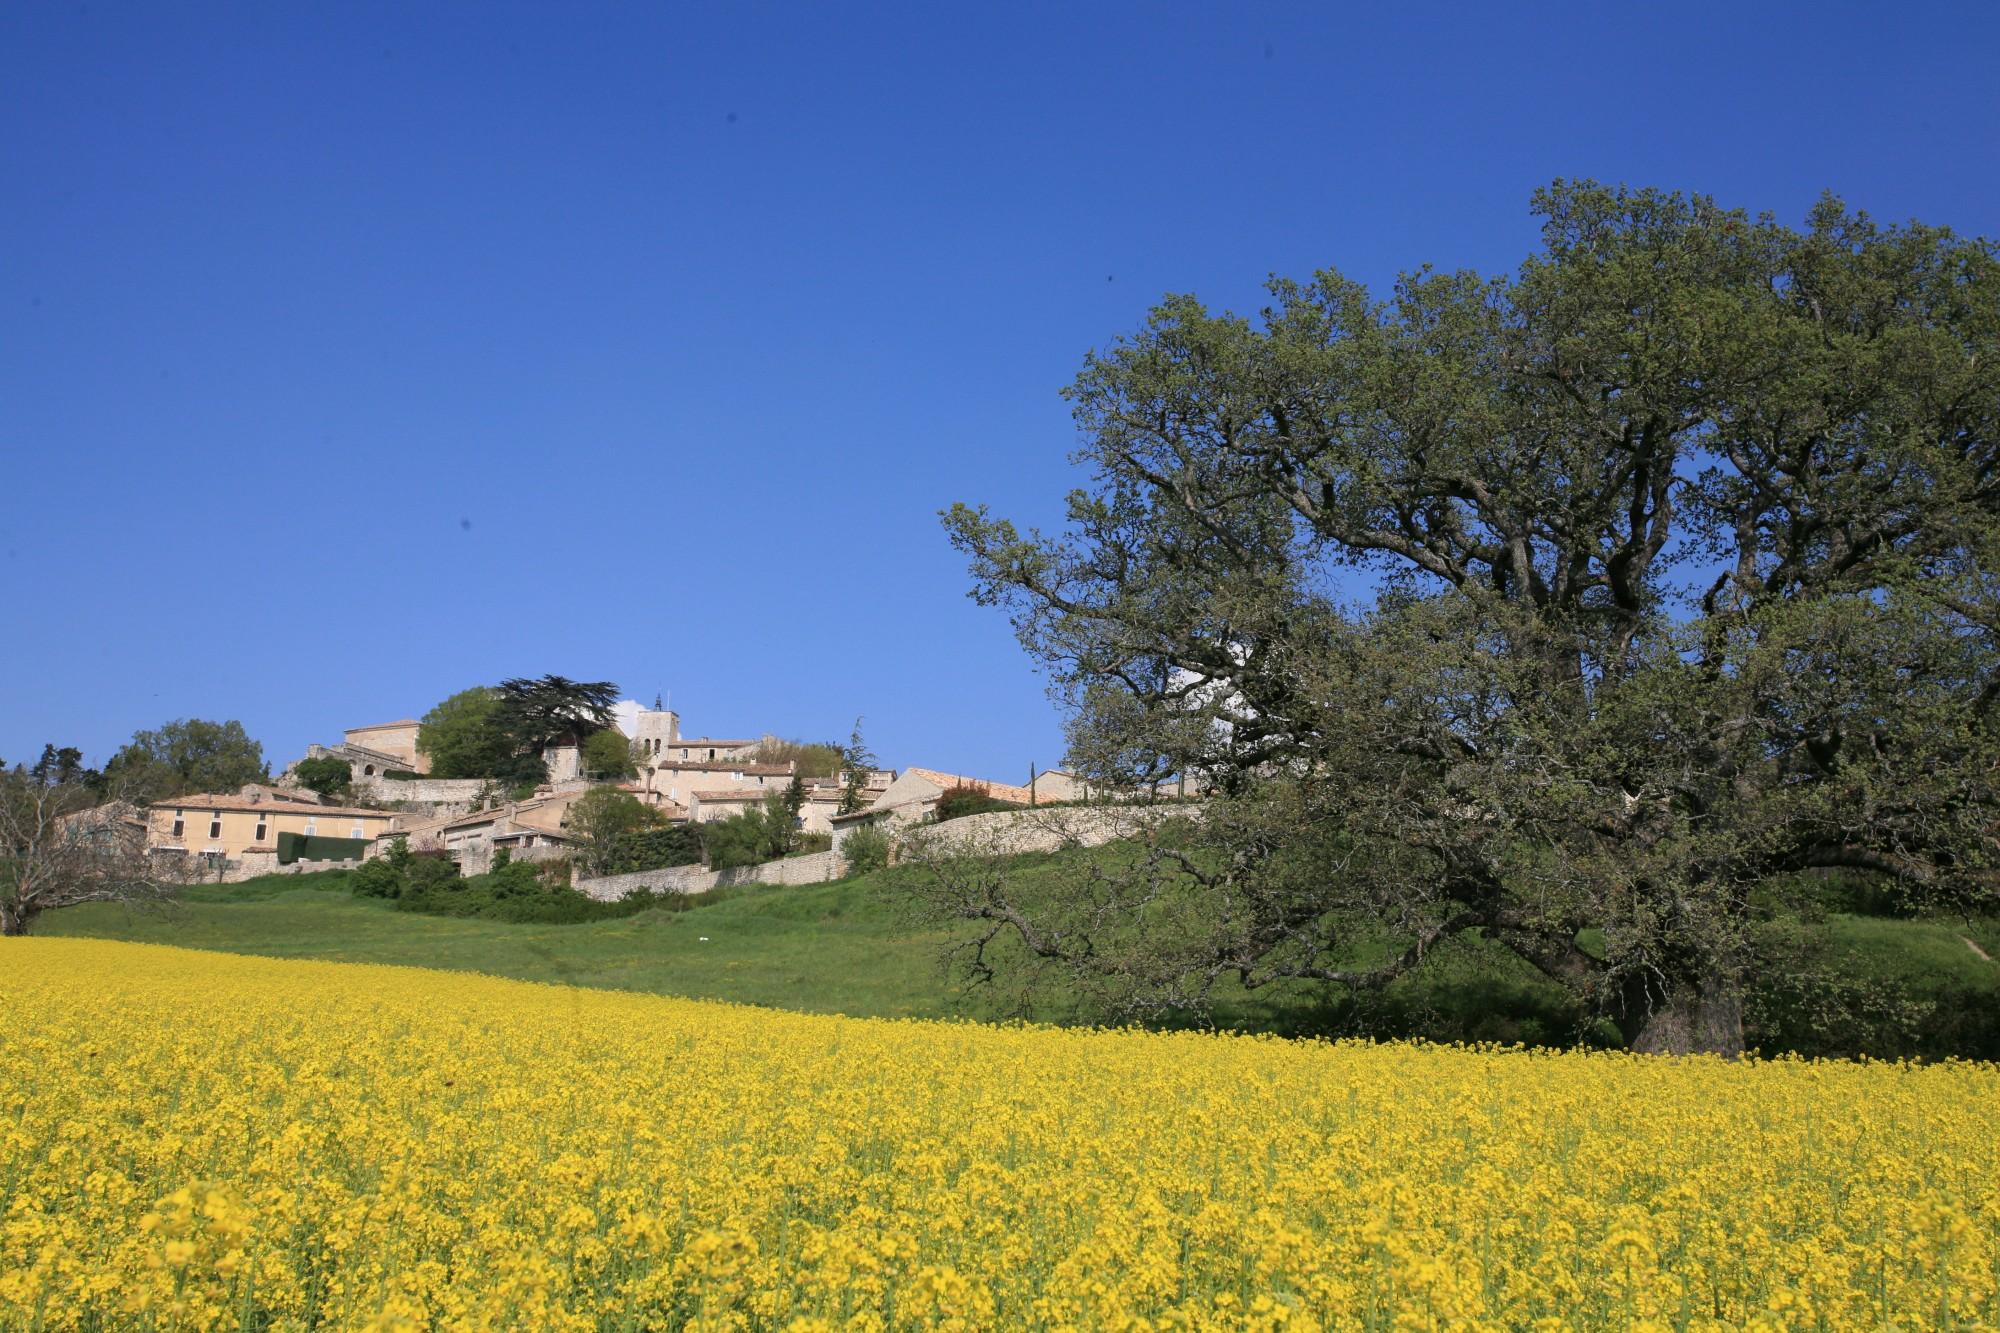 Le village perché de Murs et le grand chène